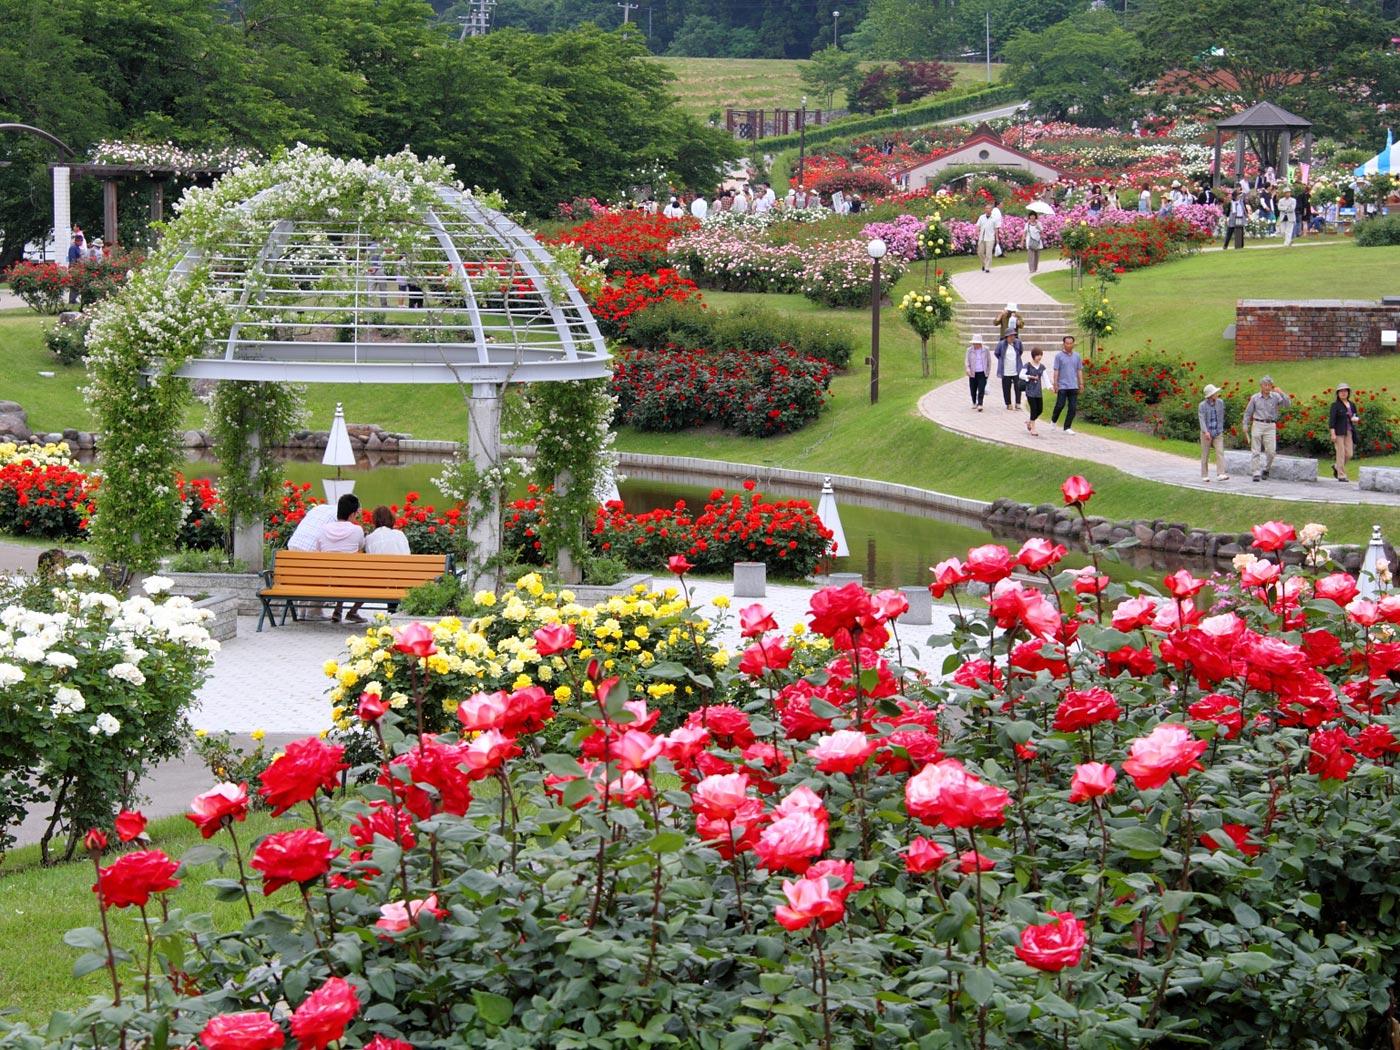 かおり風景100選の広大な東沢バラ公園 | 壁紙自然派 - 楽天ブログ